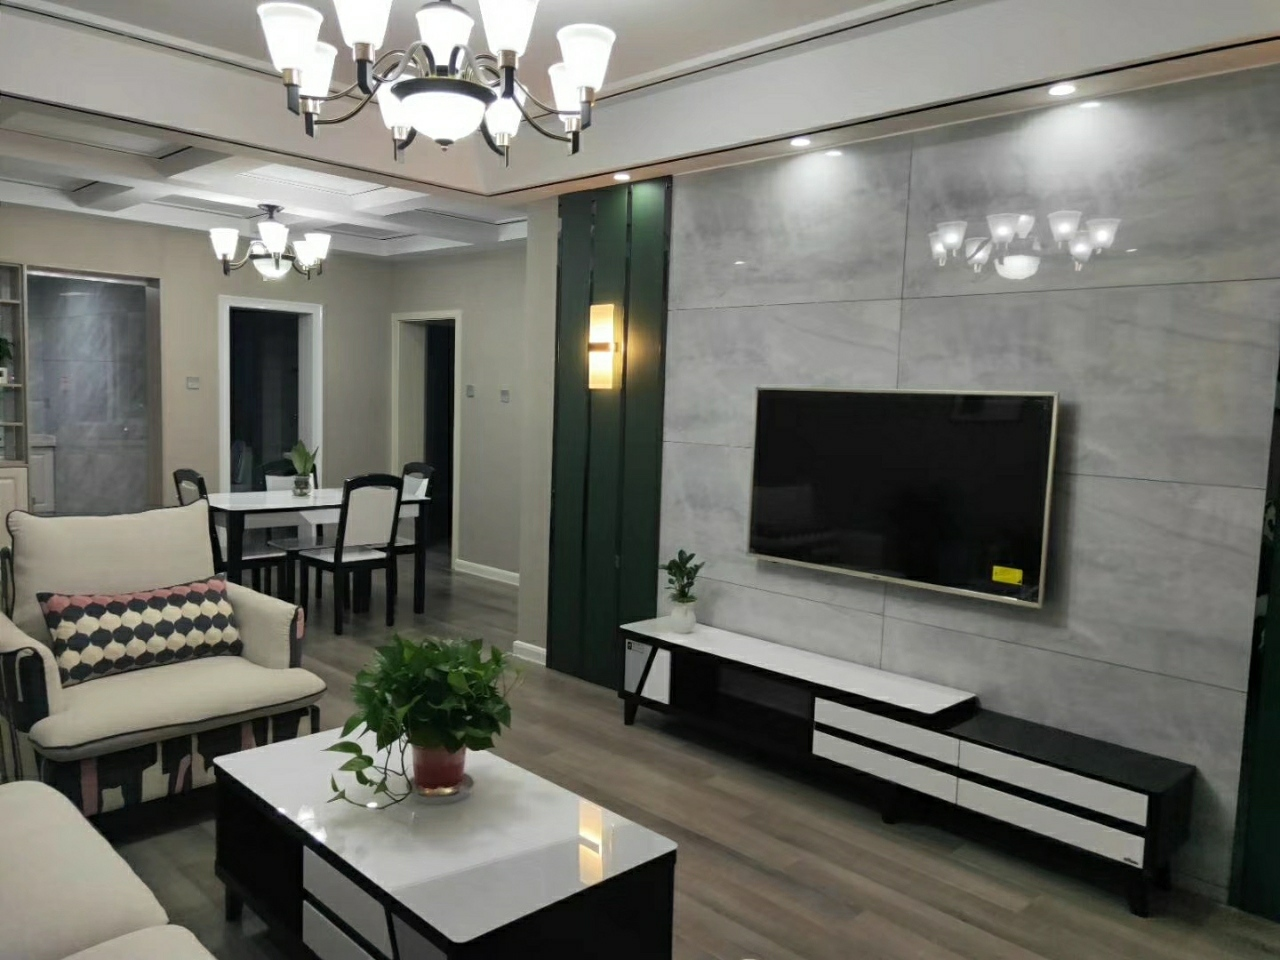 清华苑学区房【758】3室 2厅 1卫85.6万元